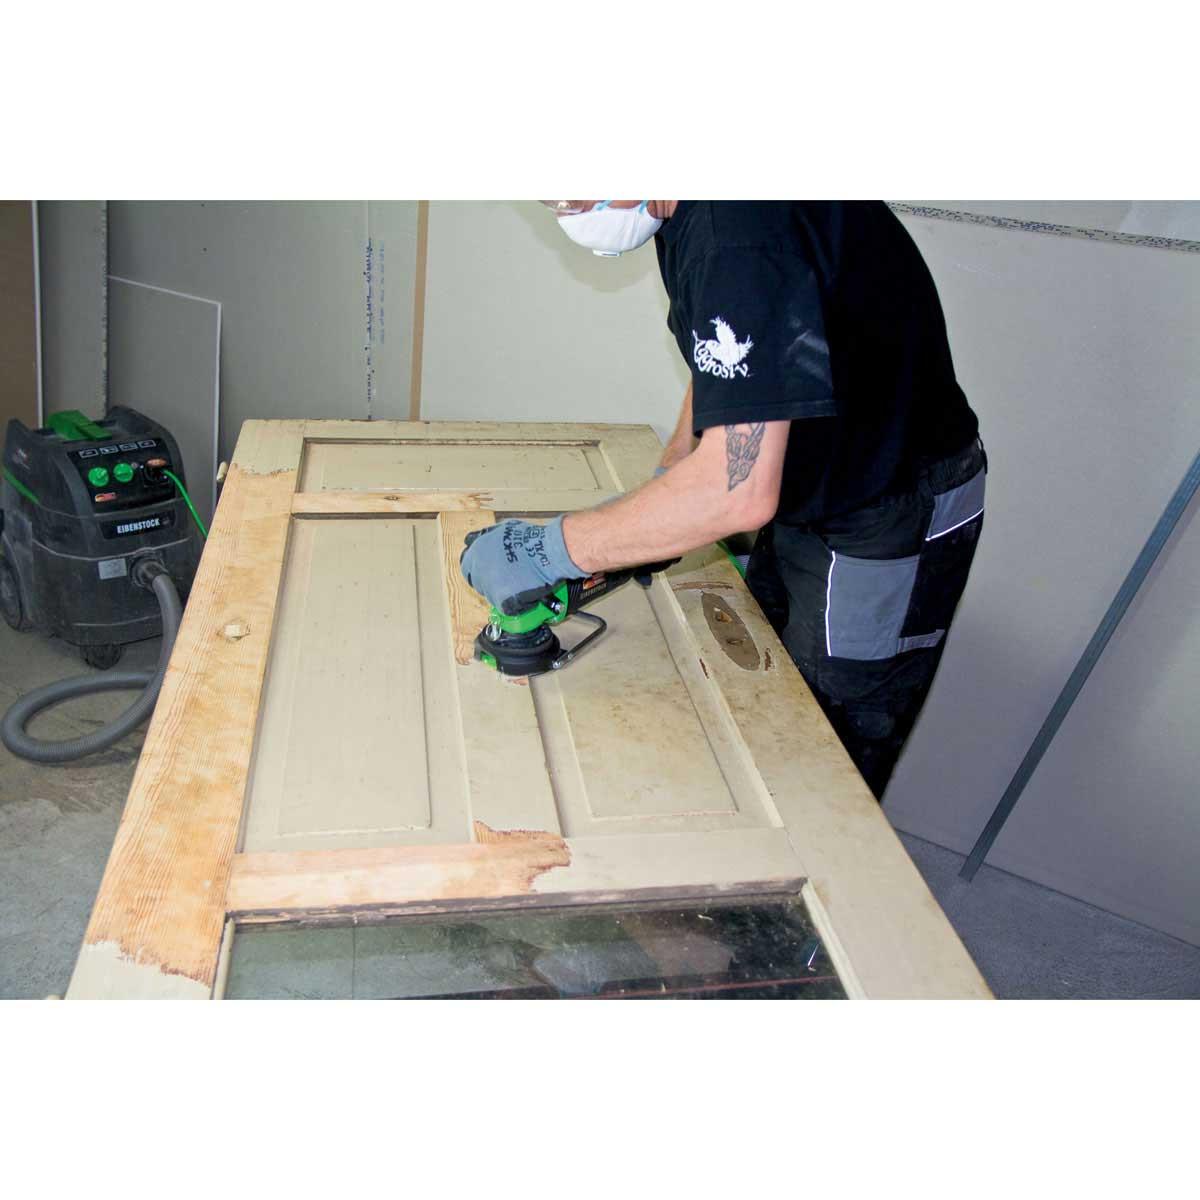 Carbide milling disc door sanding